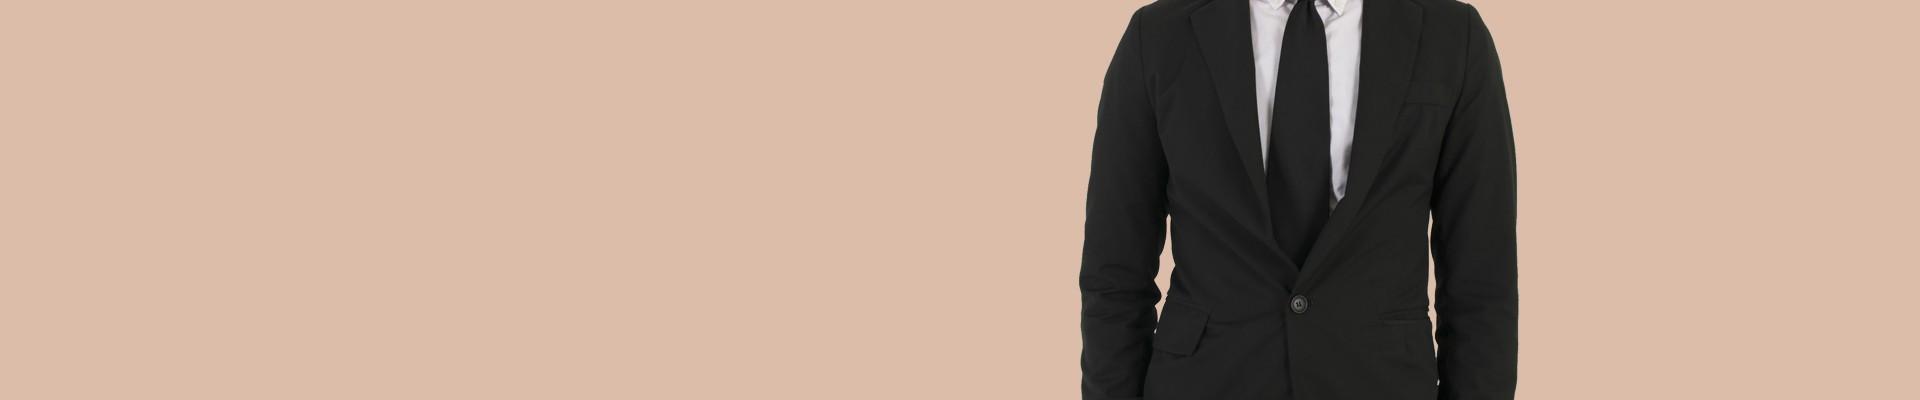 Jual Baju Setelan Anak Laki-Laki Lengkap